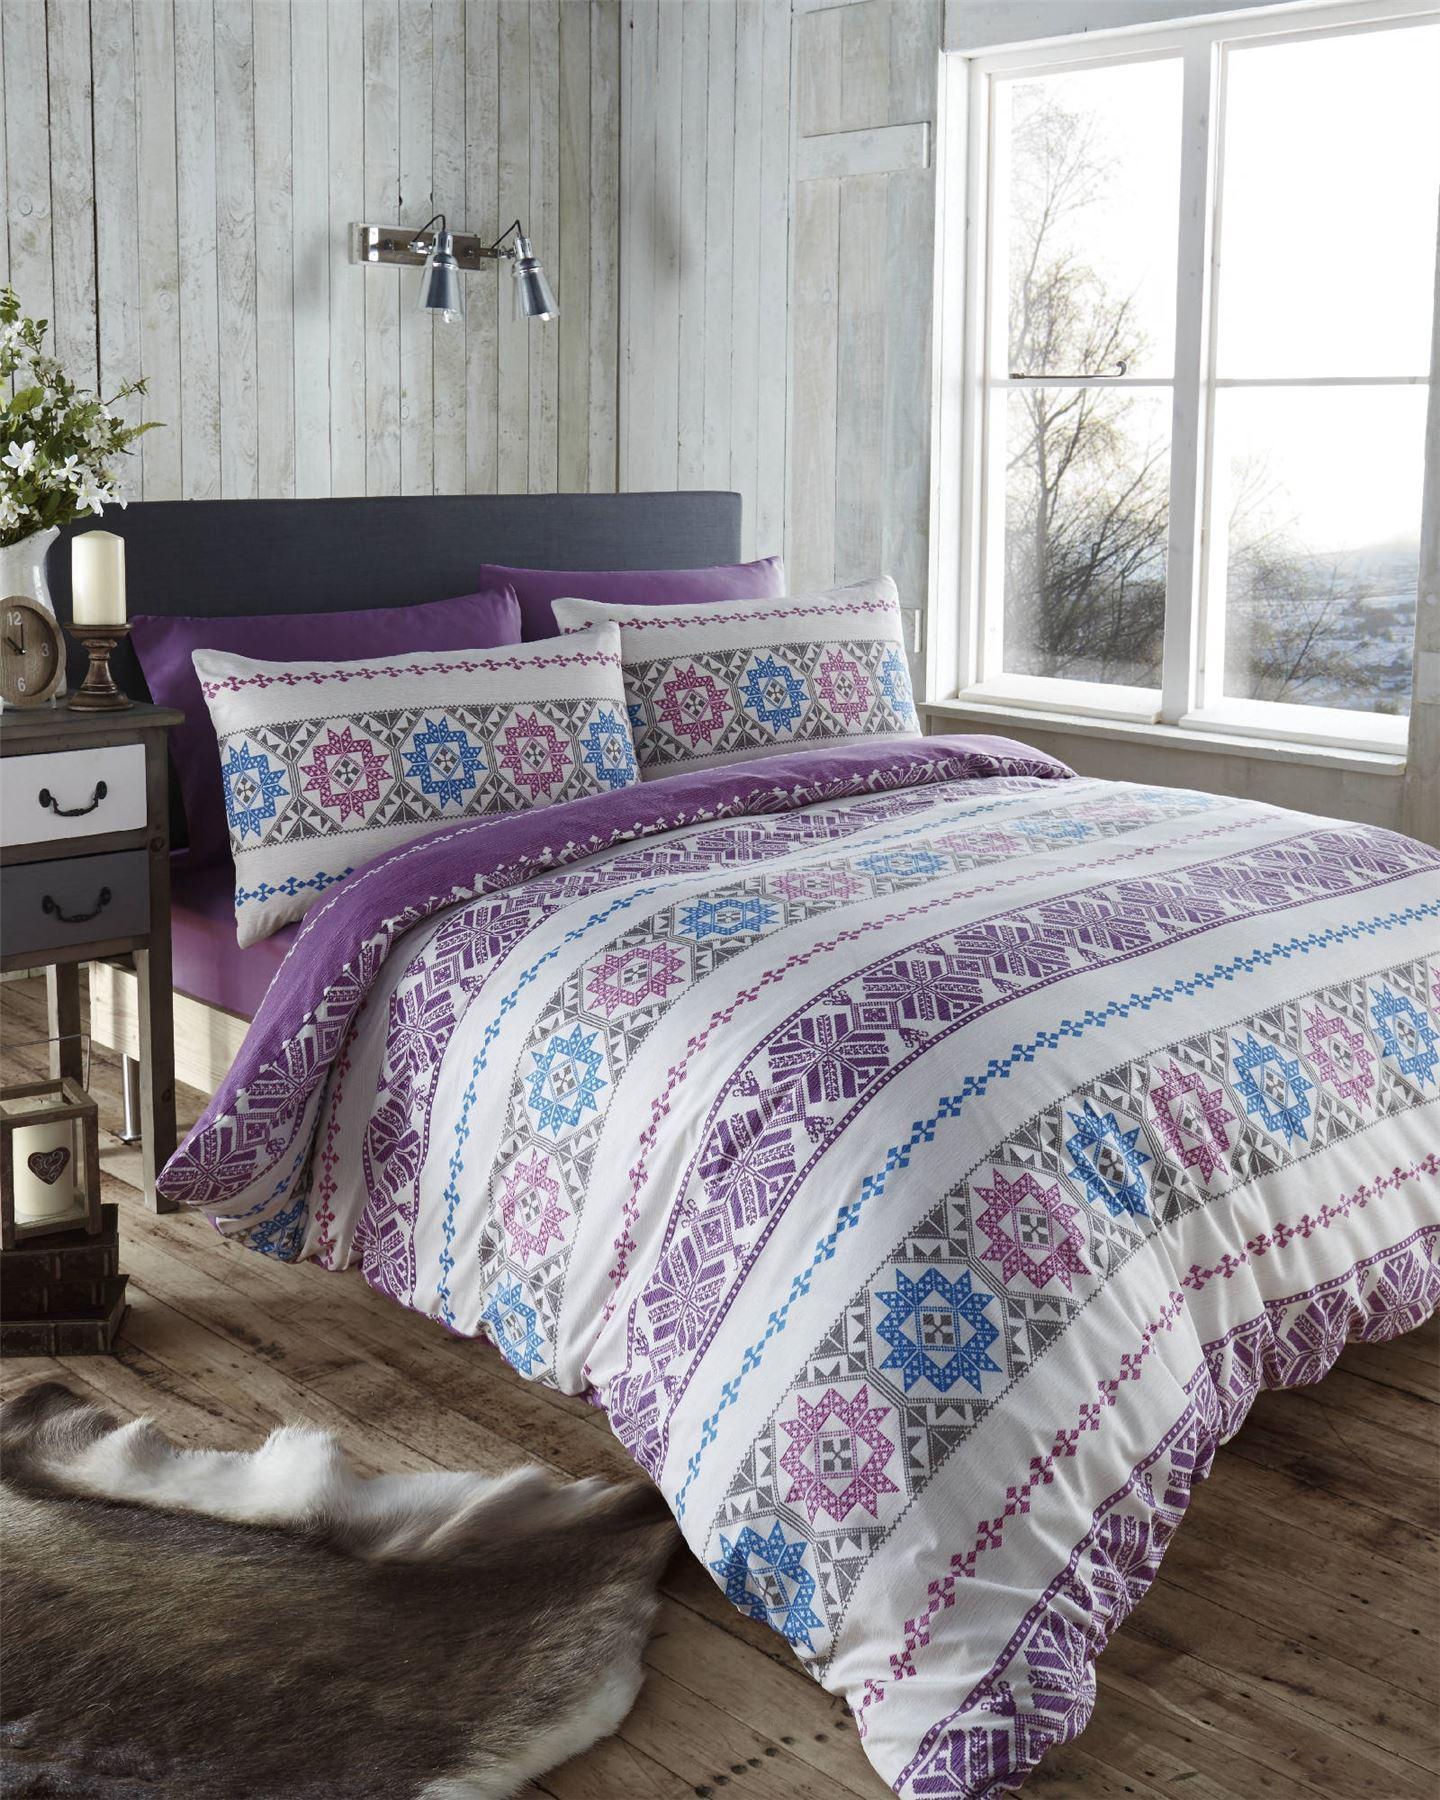 nordic fair isle scandinavian winter duvet quilt cover bedding set  - nordicfairislescandinavianwinterduvetquiltcover